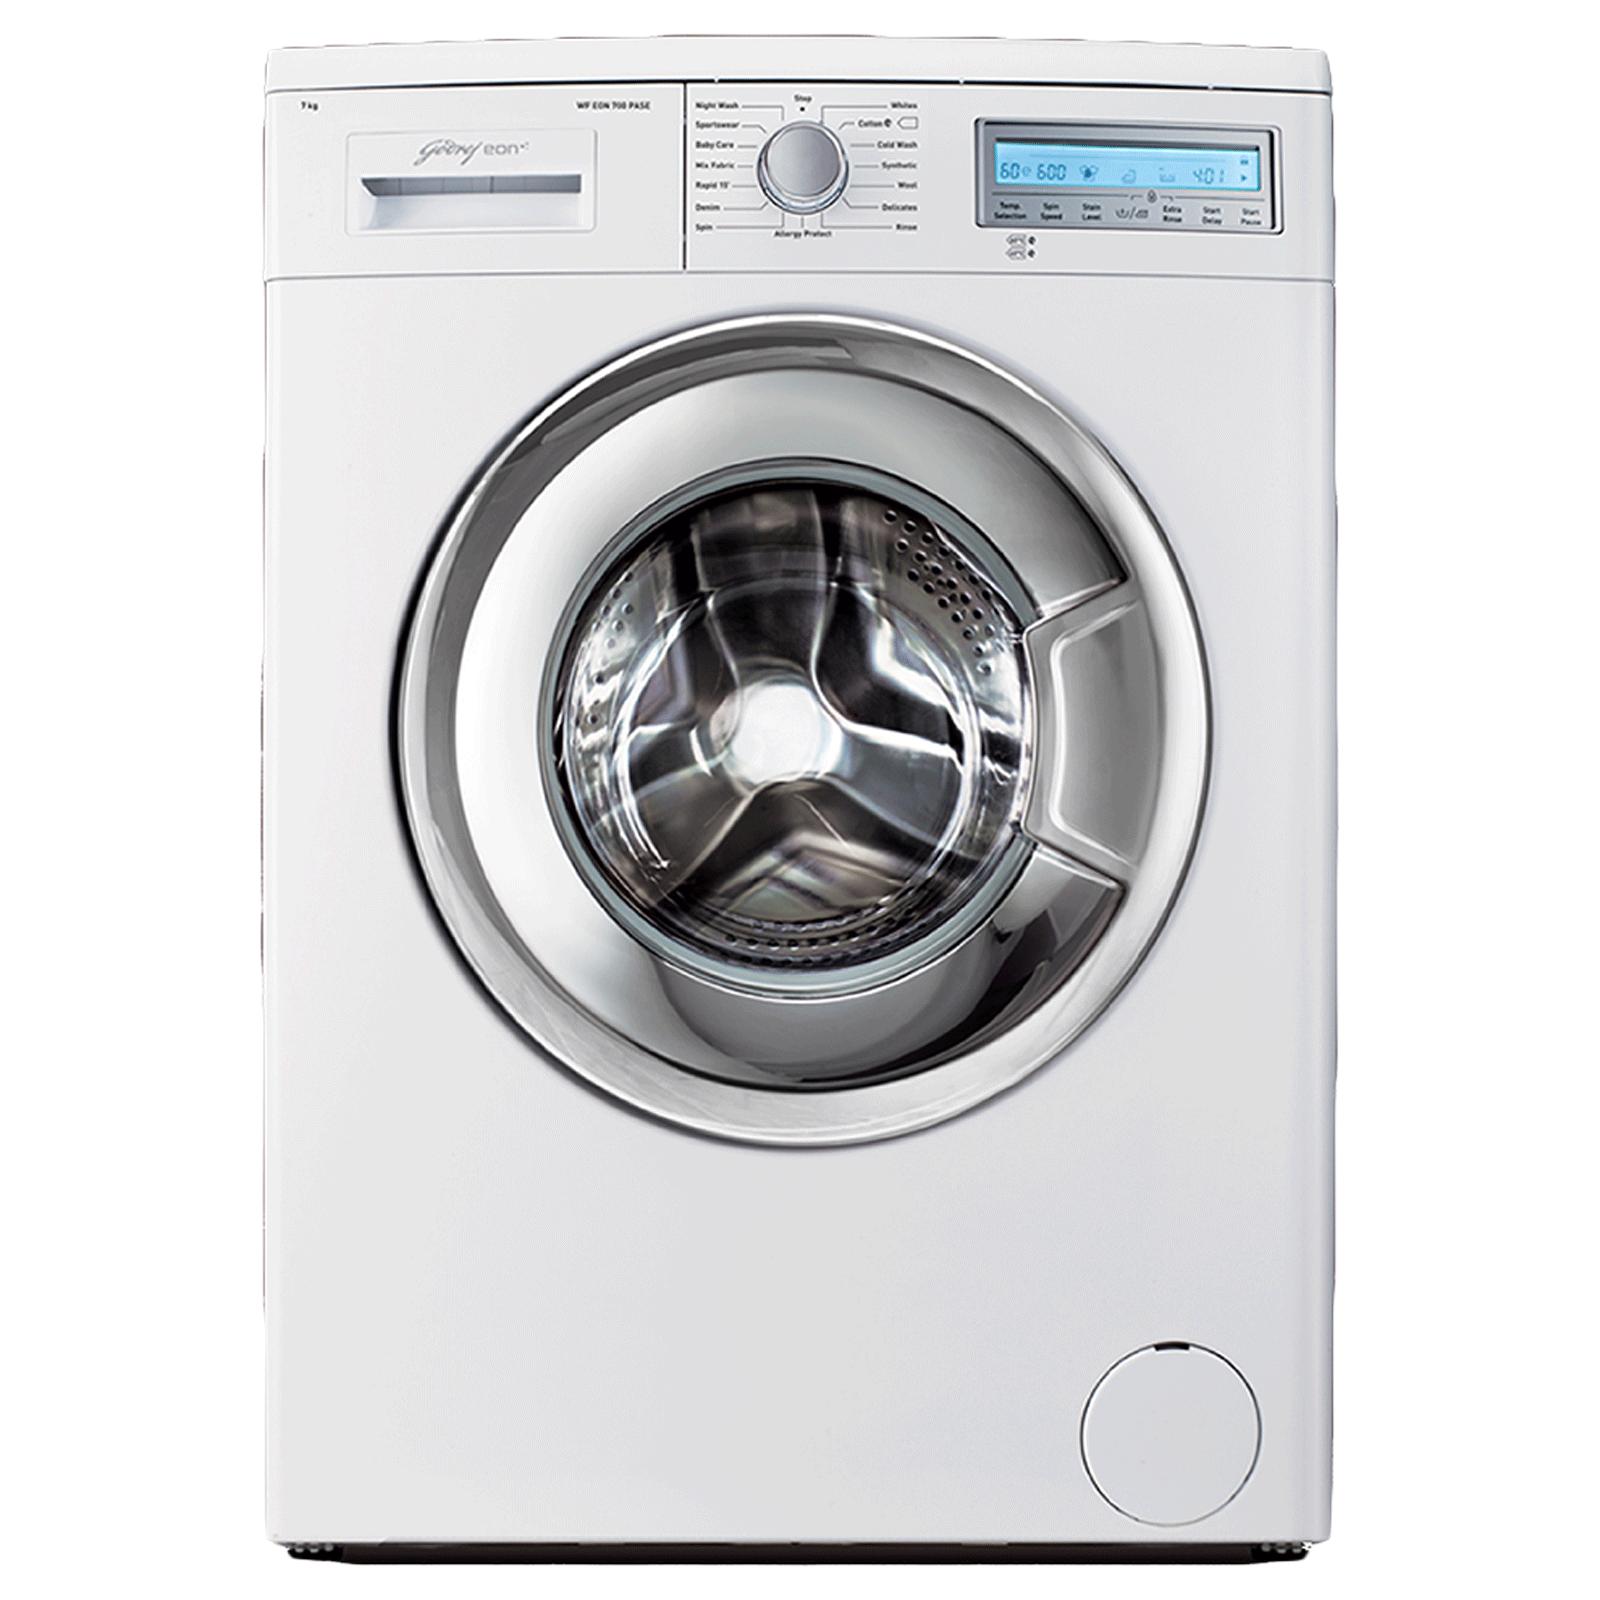 Godrej Eon 7 kg 5 Star Fully Automatic Front Load Washing Machine (Eco-Balance System, WF EON 700 PASE, White)_1